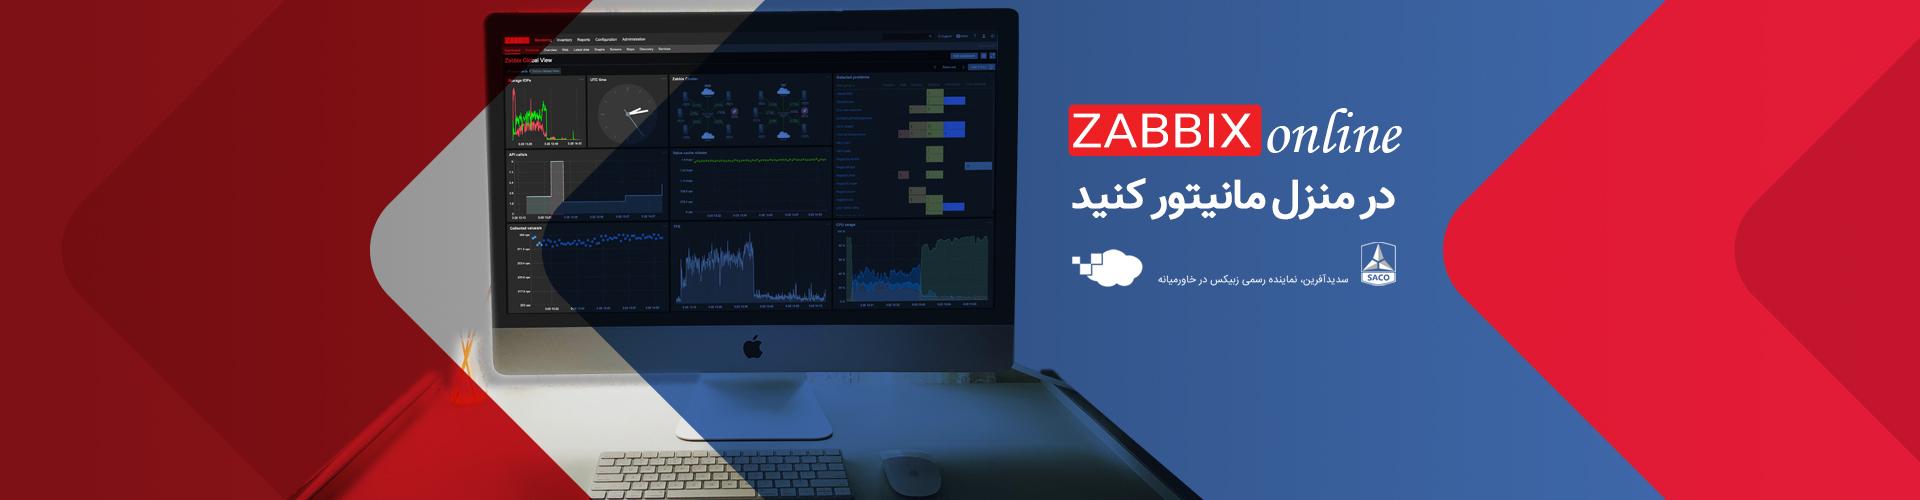 ZabbixHeader2